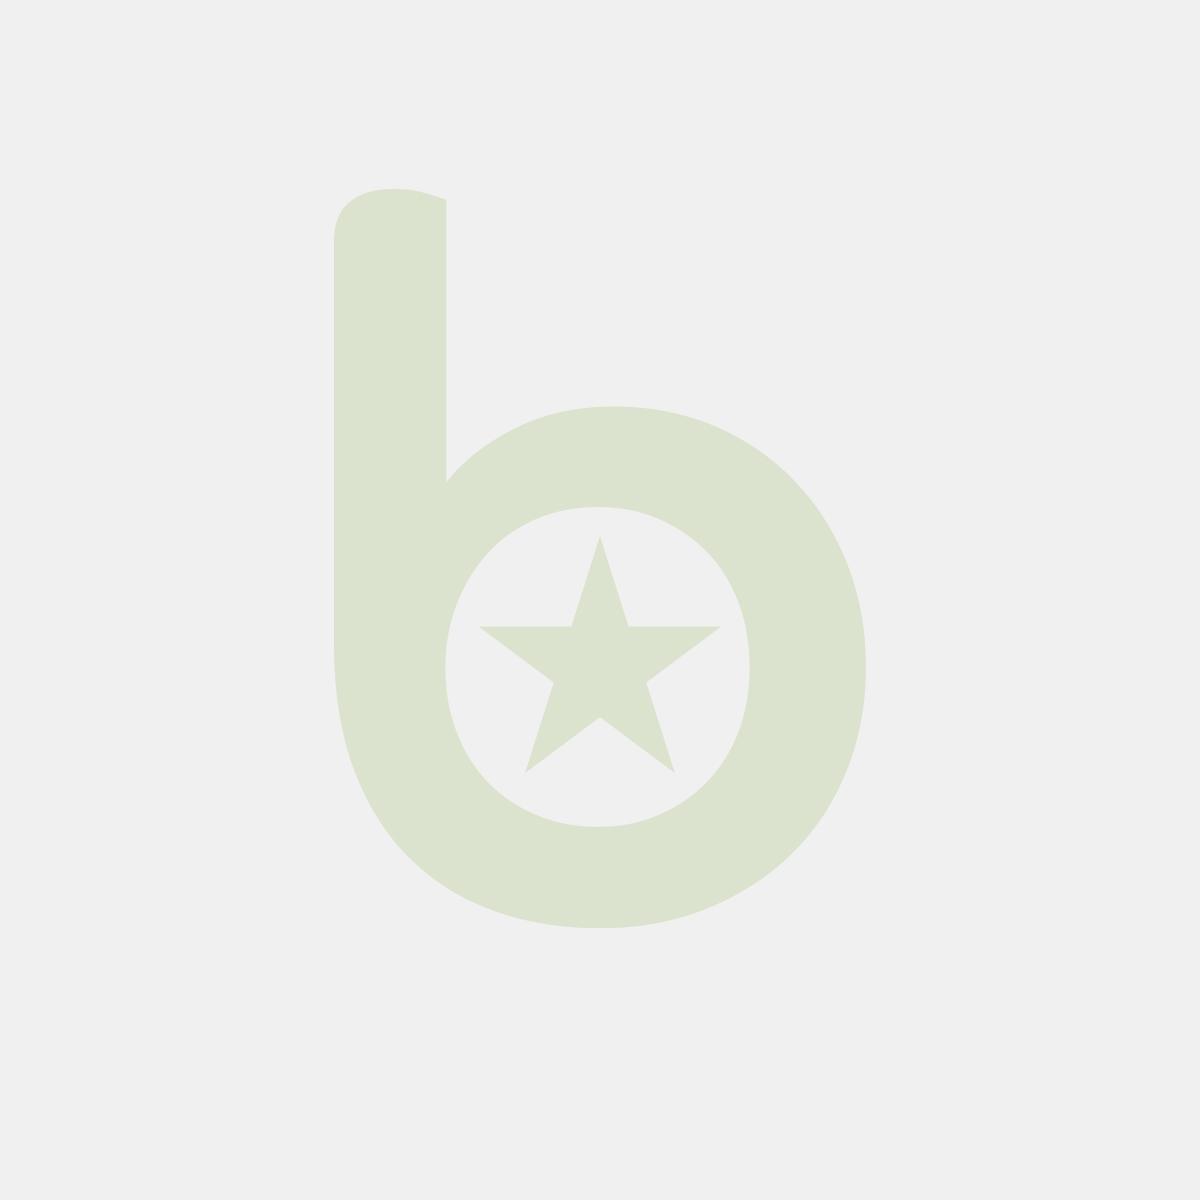 Kosz FALA 30L, zielony, uchylna klapa